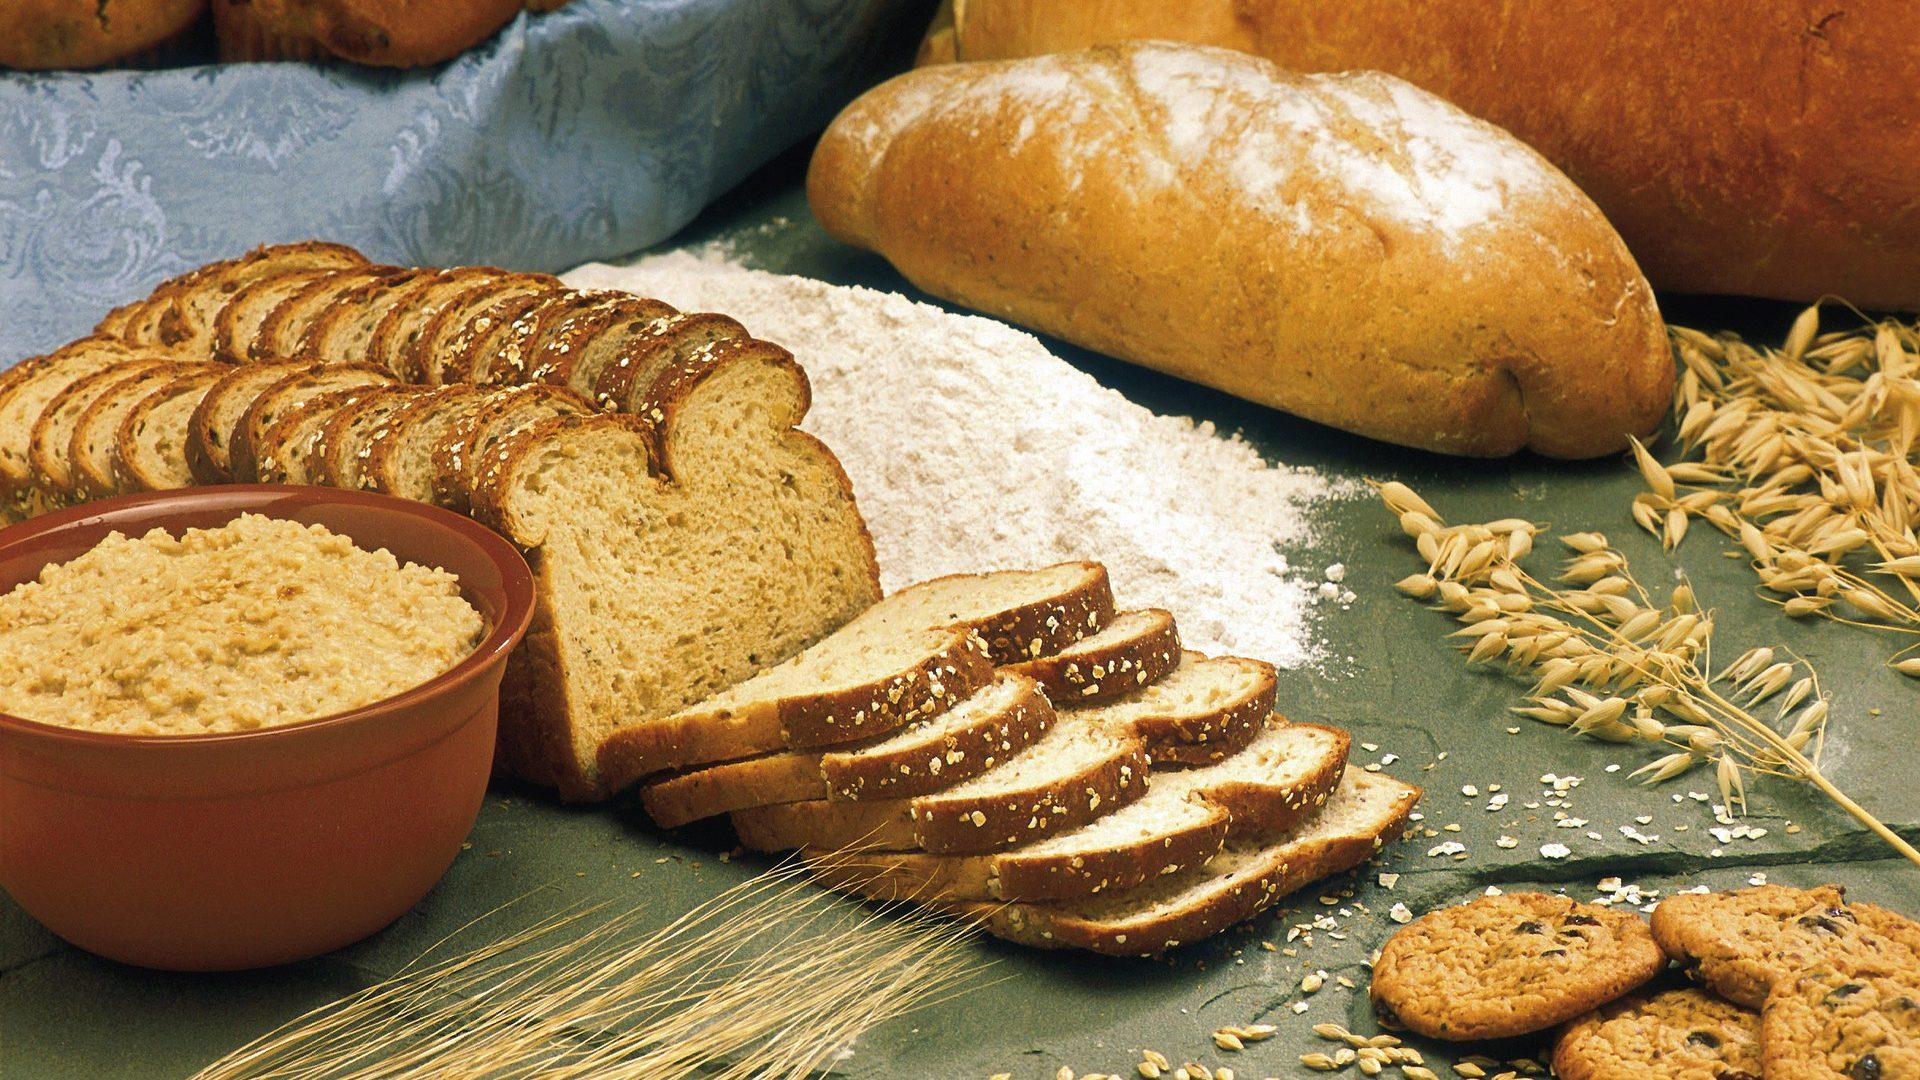 42 proc. Polaków przyznaje, że wyrzuca żywność